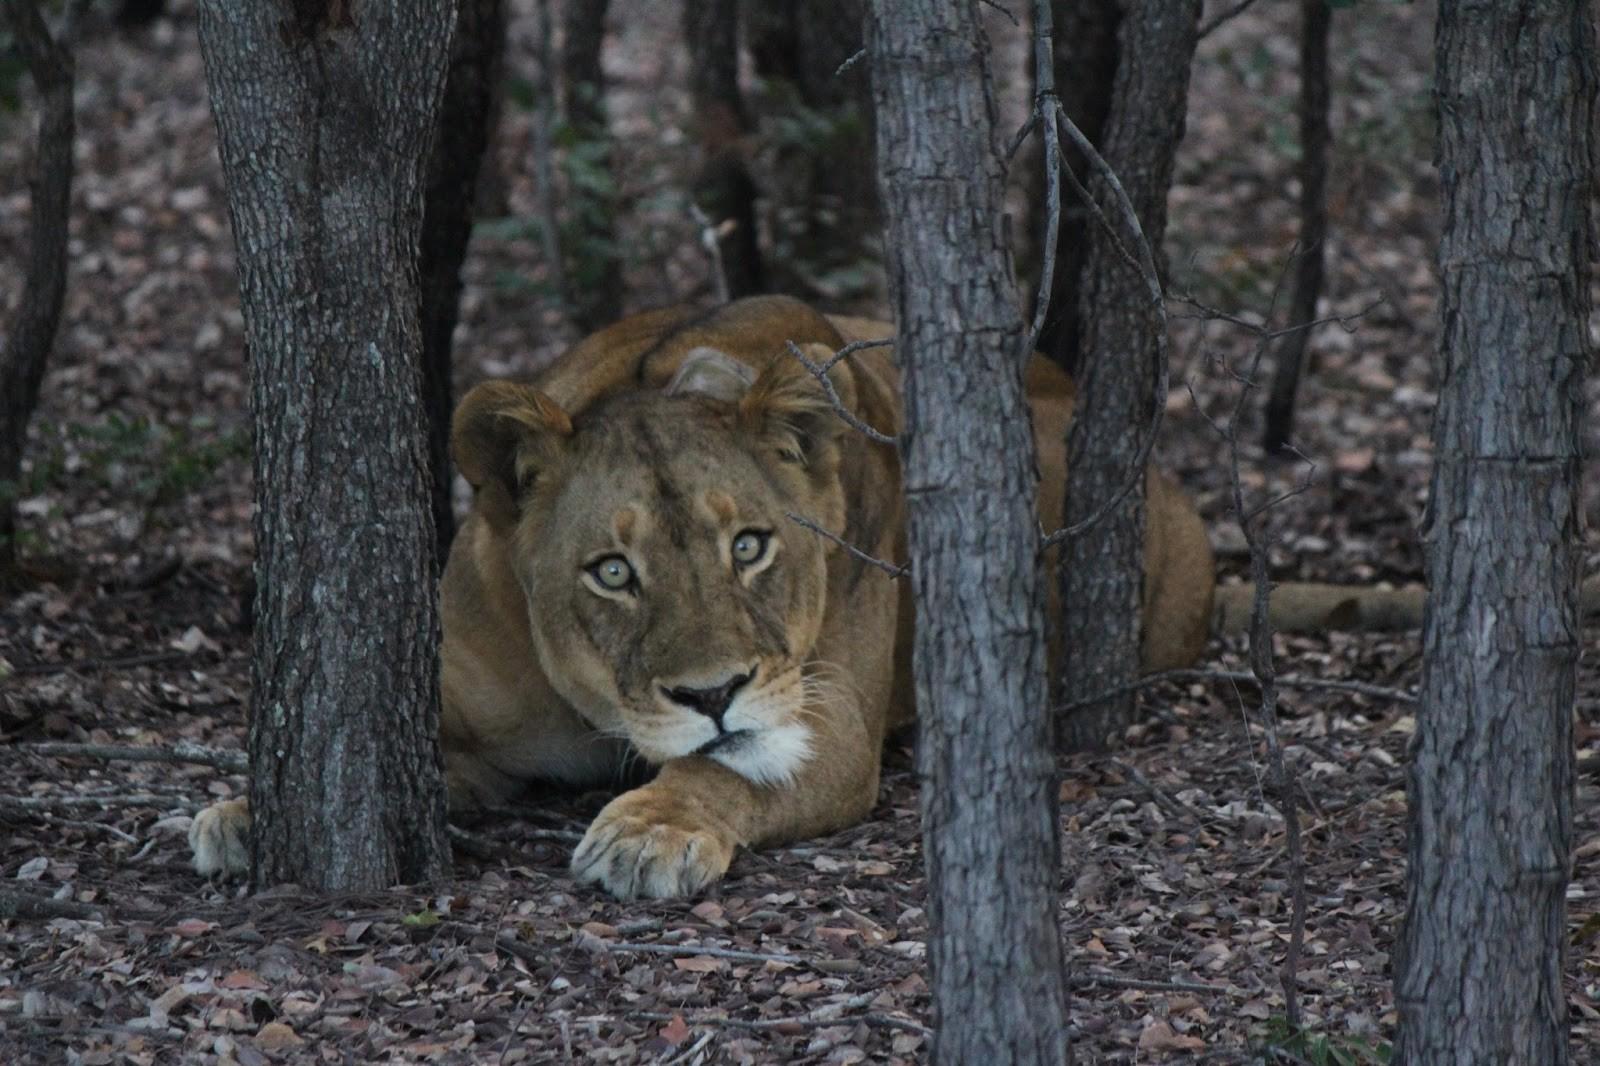 Ghé thăm vùng đất lý tưởng cho các nhiếp ảnh gia thiên nhiên hoang dã: Quê hương của một con sư tử huyền thoại - Ảnh 10.